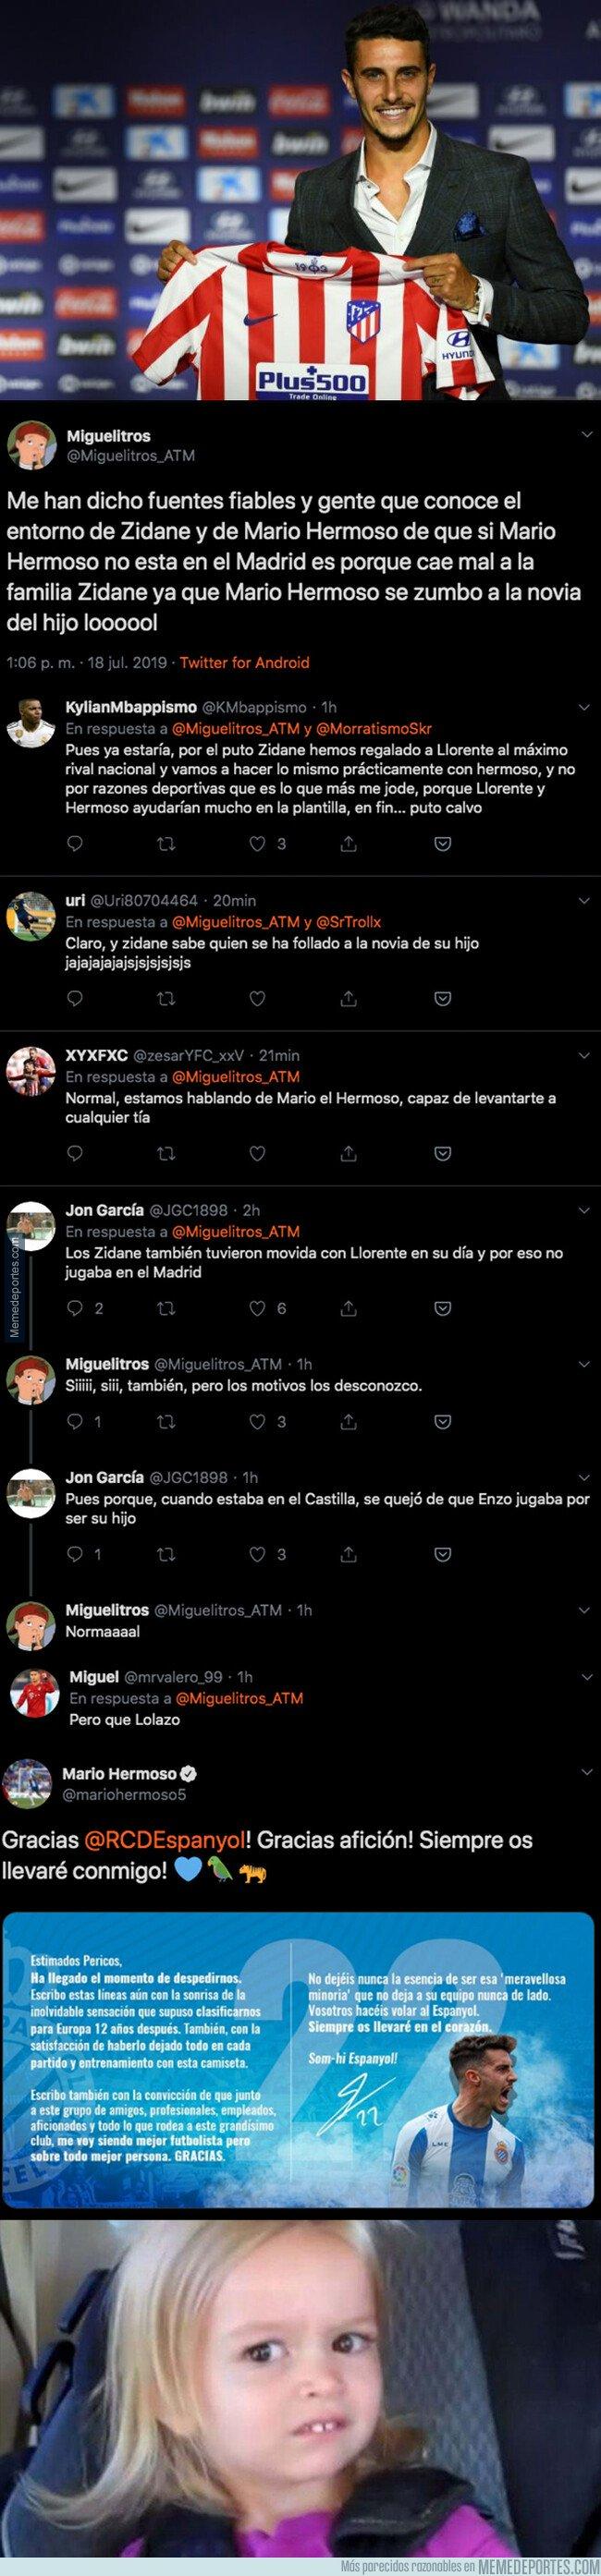 1081423 - Todo el mundo está alucinando el motivo por el que Mario Hermoso no está en el Real Madrid y ha fichado por el Atleti